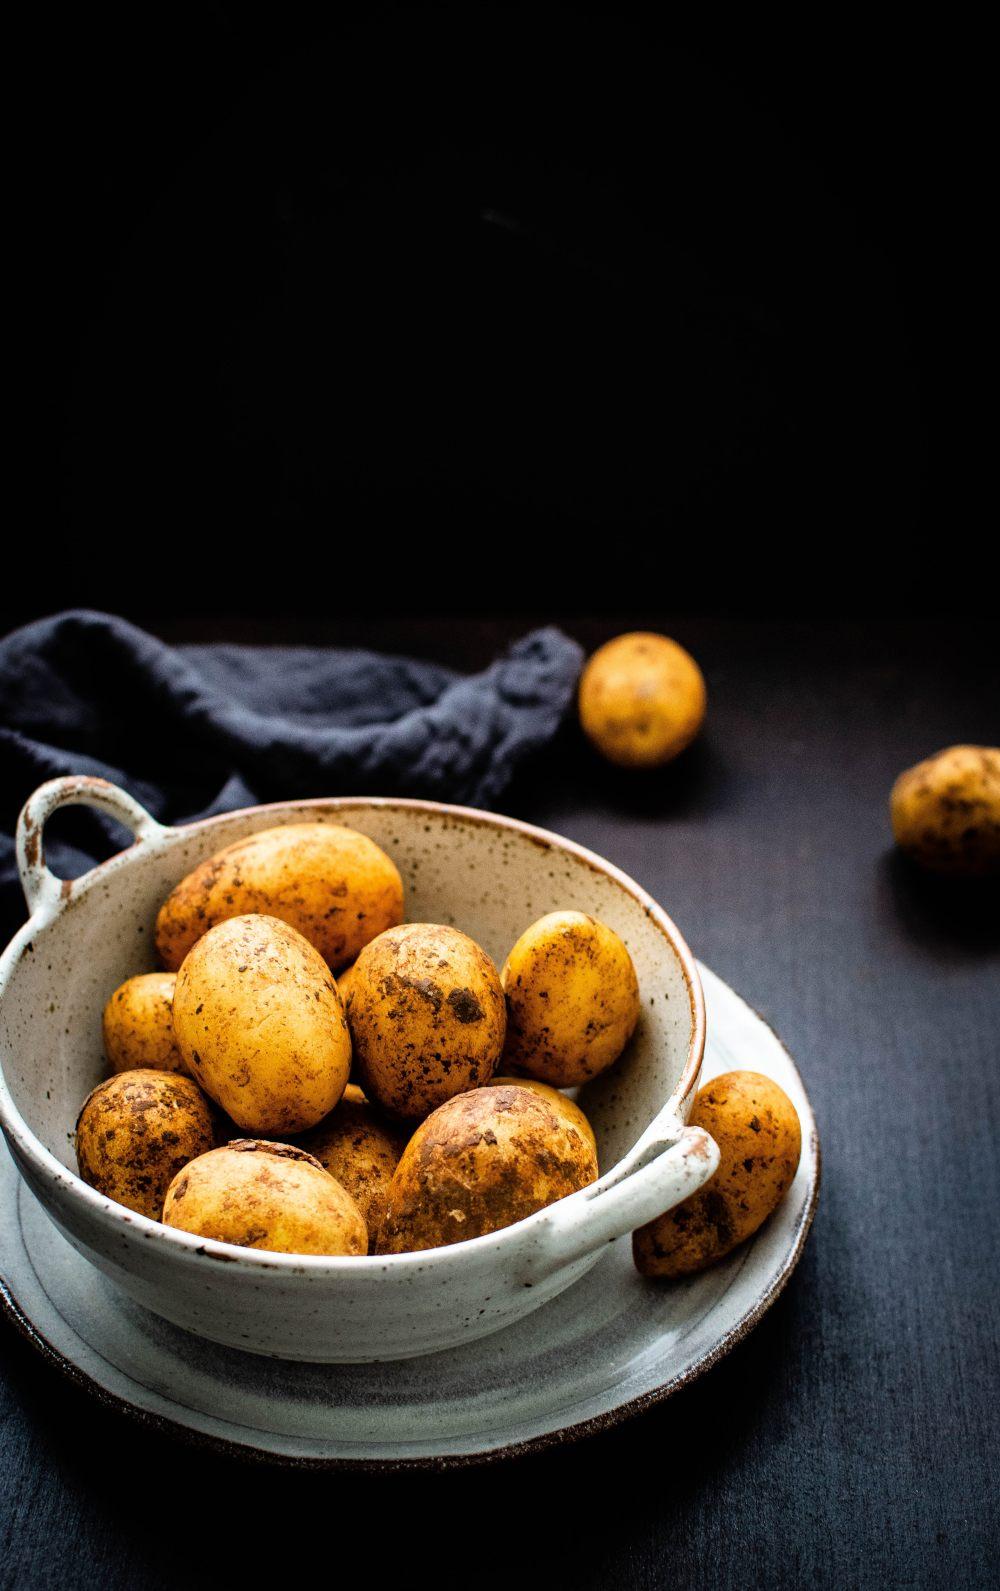 Kartoffelauflauf, Kartoffelgratin, Frau sein, Ungezähmtheit